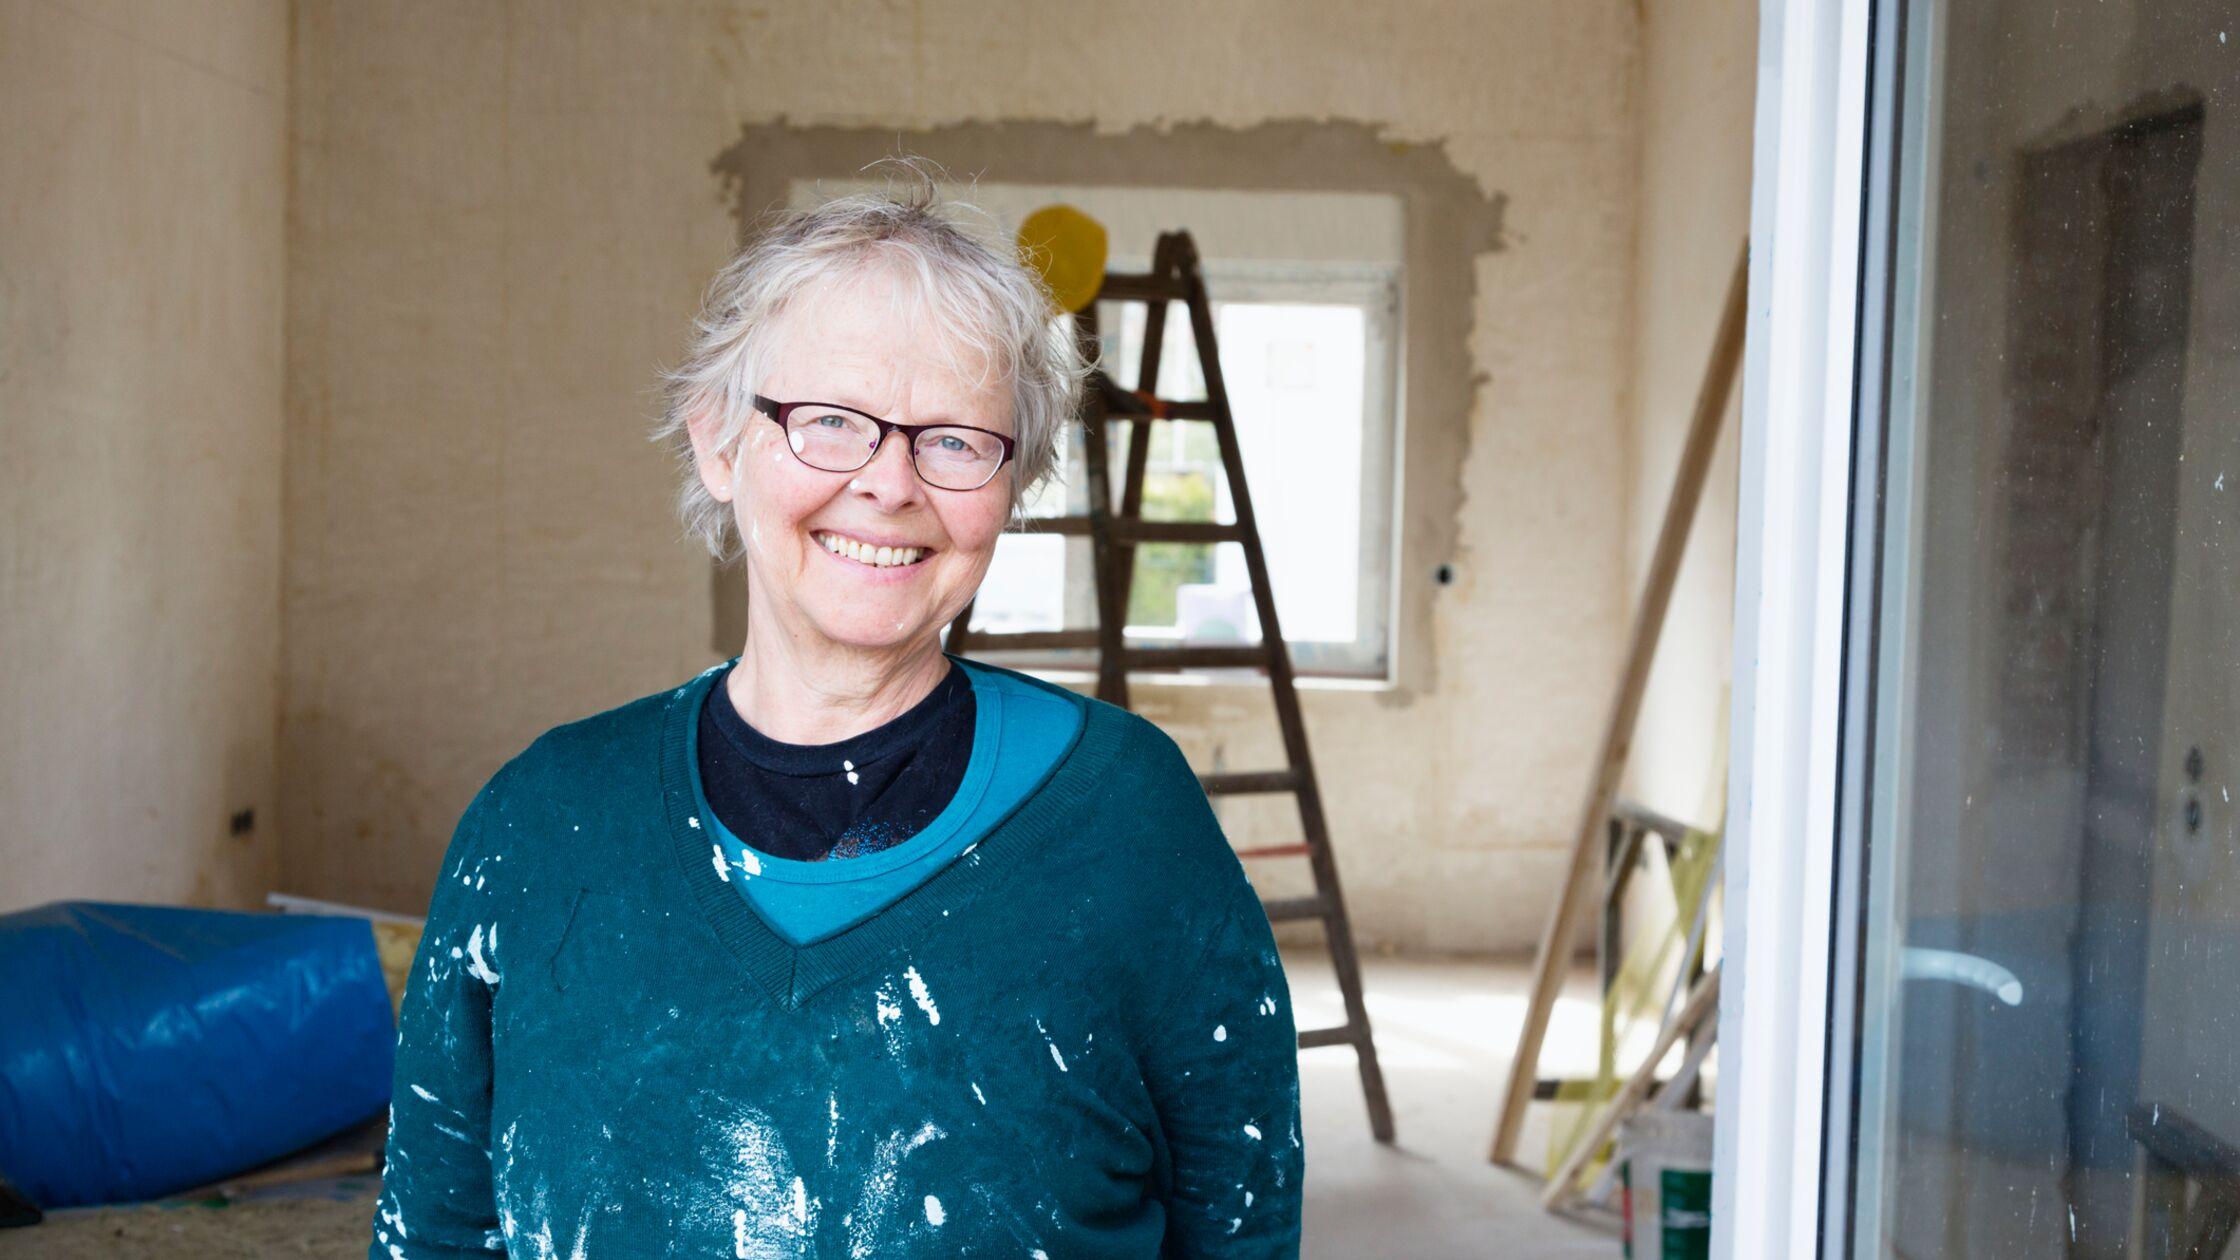 Seniorenumzug: Tipps für den Umzug im Alter